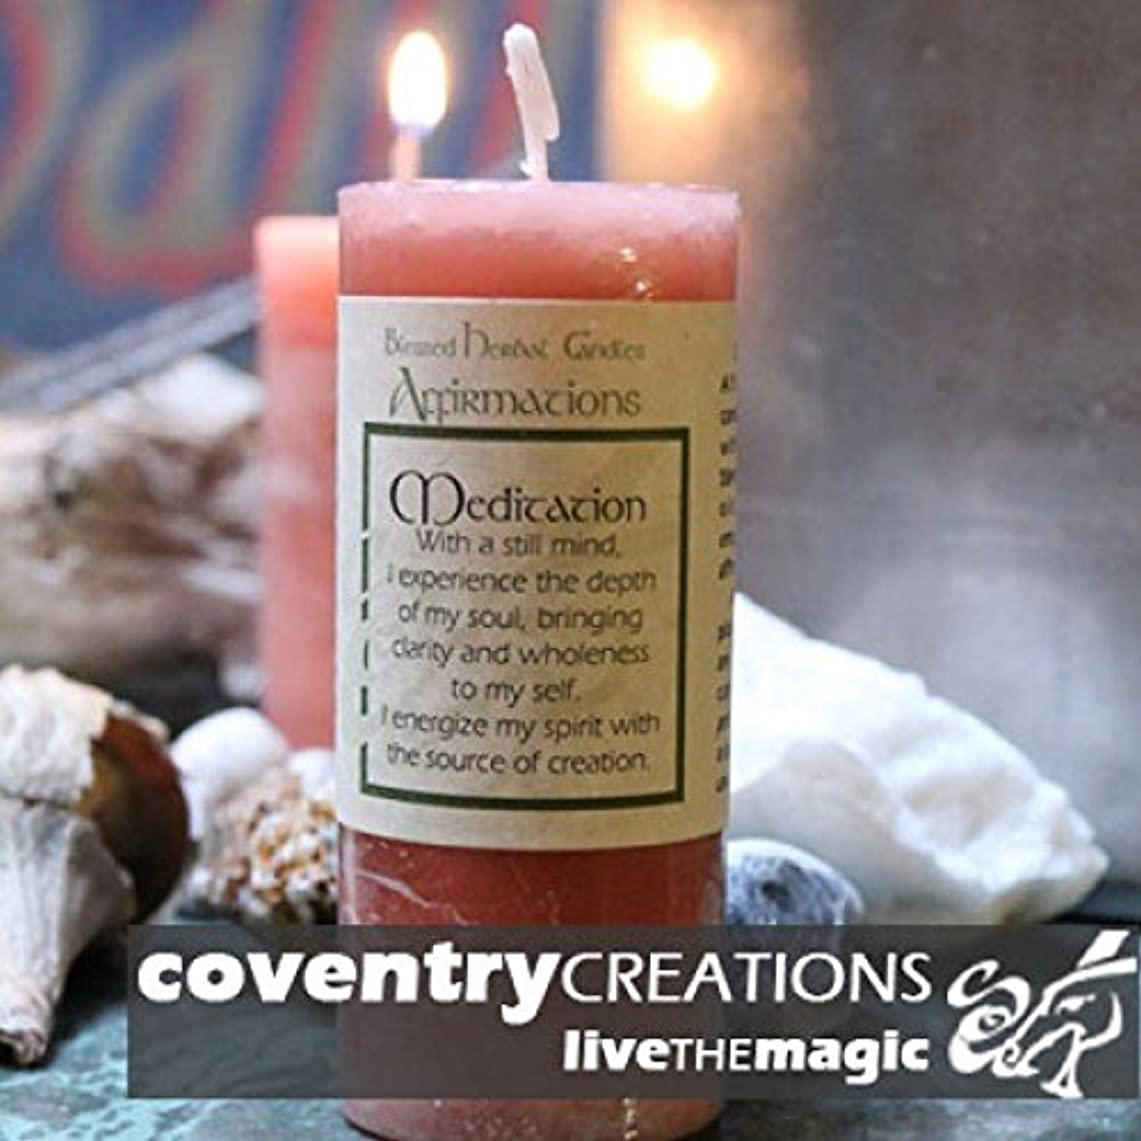 宣言するジレンマスクリーチAffirmation - Meditation Candle by Coventry Creations